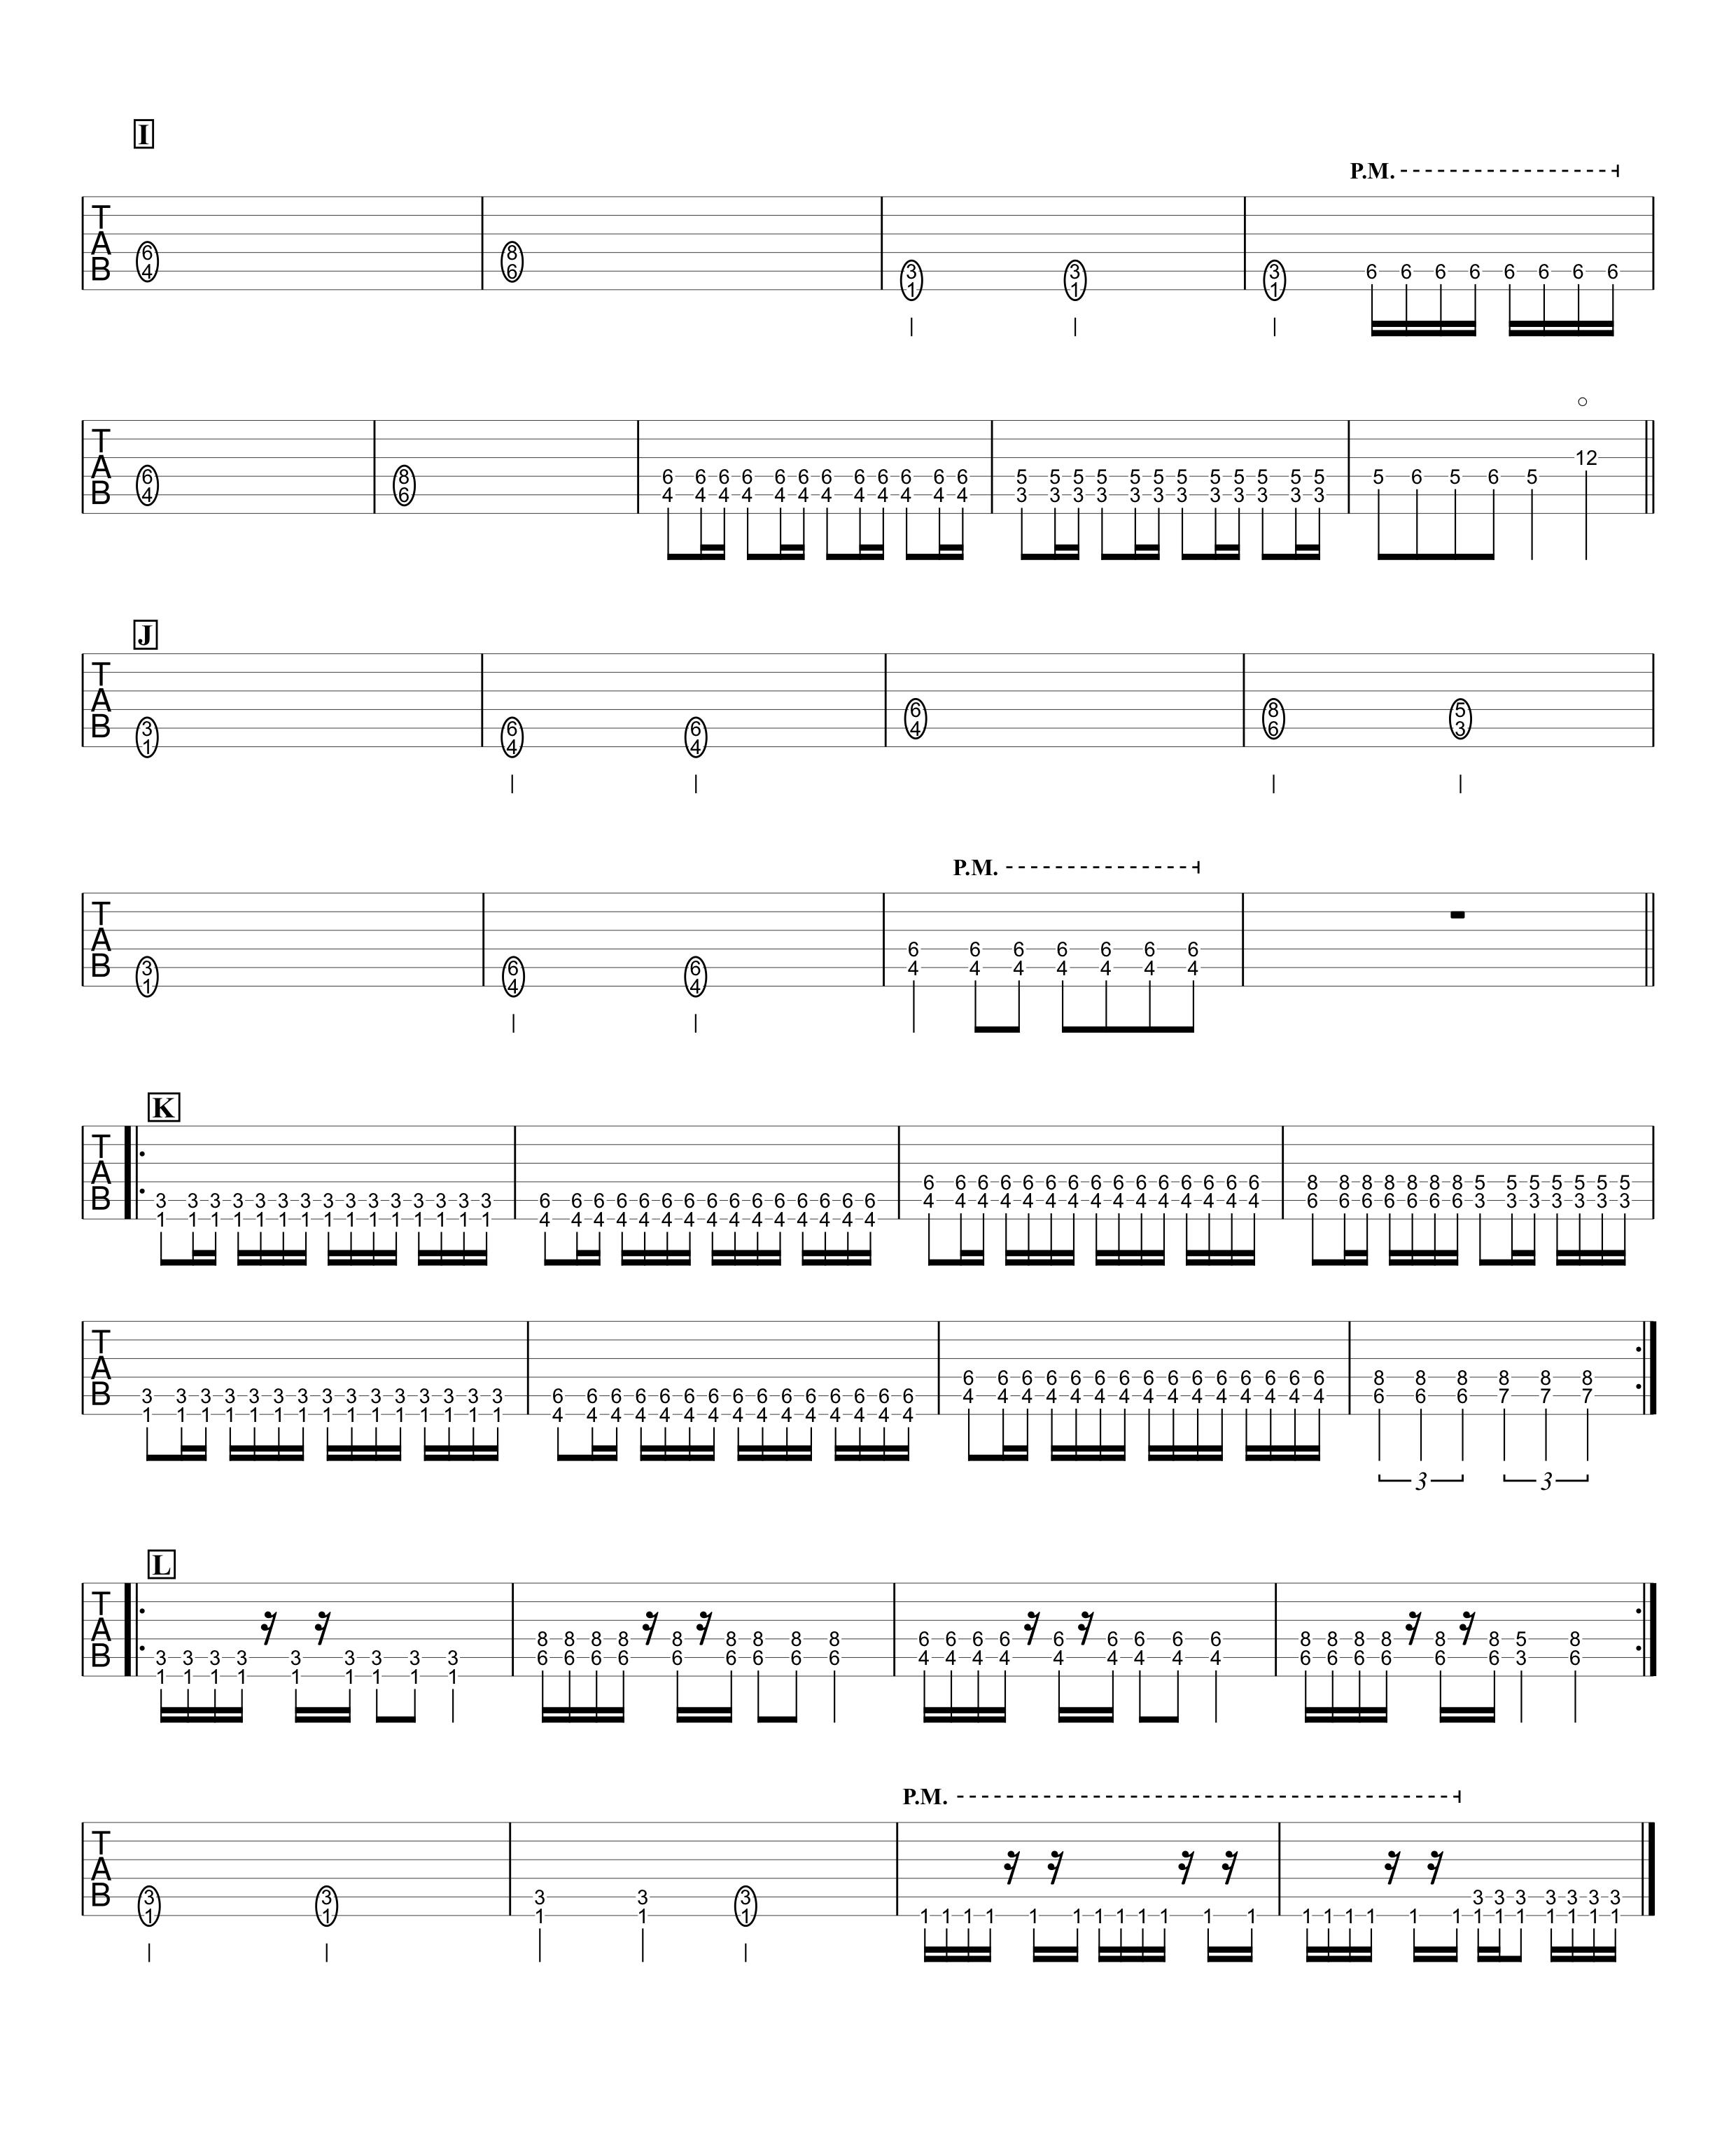 メギツネ/BABY METAL ギターTAB譜 パワーコードだけで弾く簡単アレンジVer.03